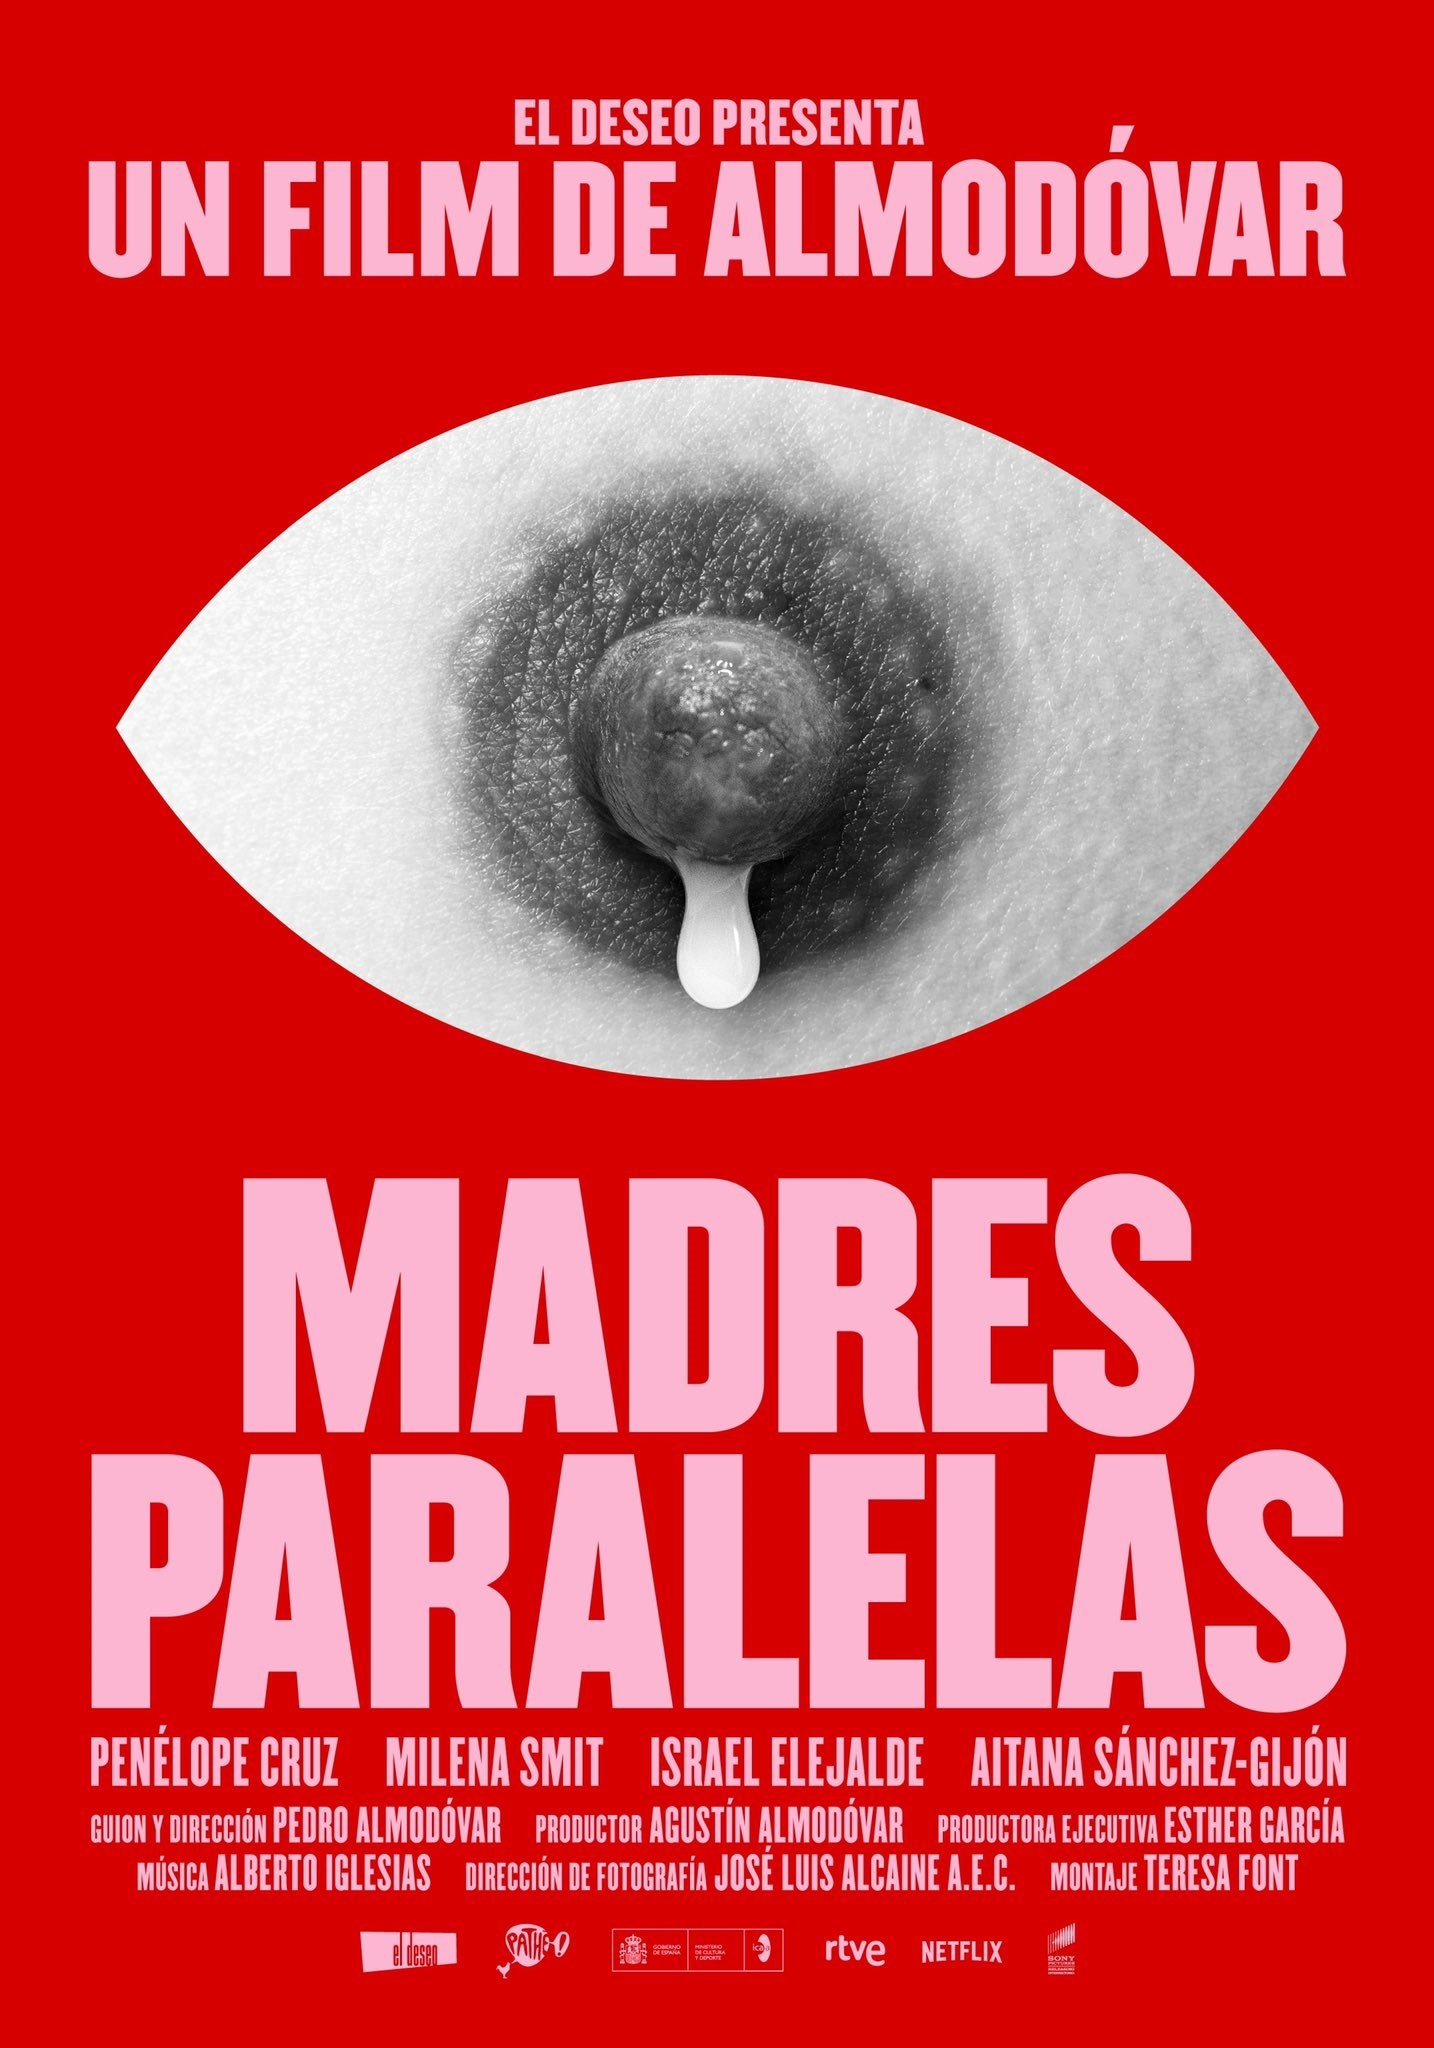 Cartel de la película 'Madres paralelas', de Pedro Almodóvar.